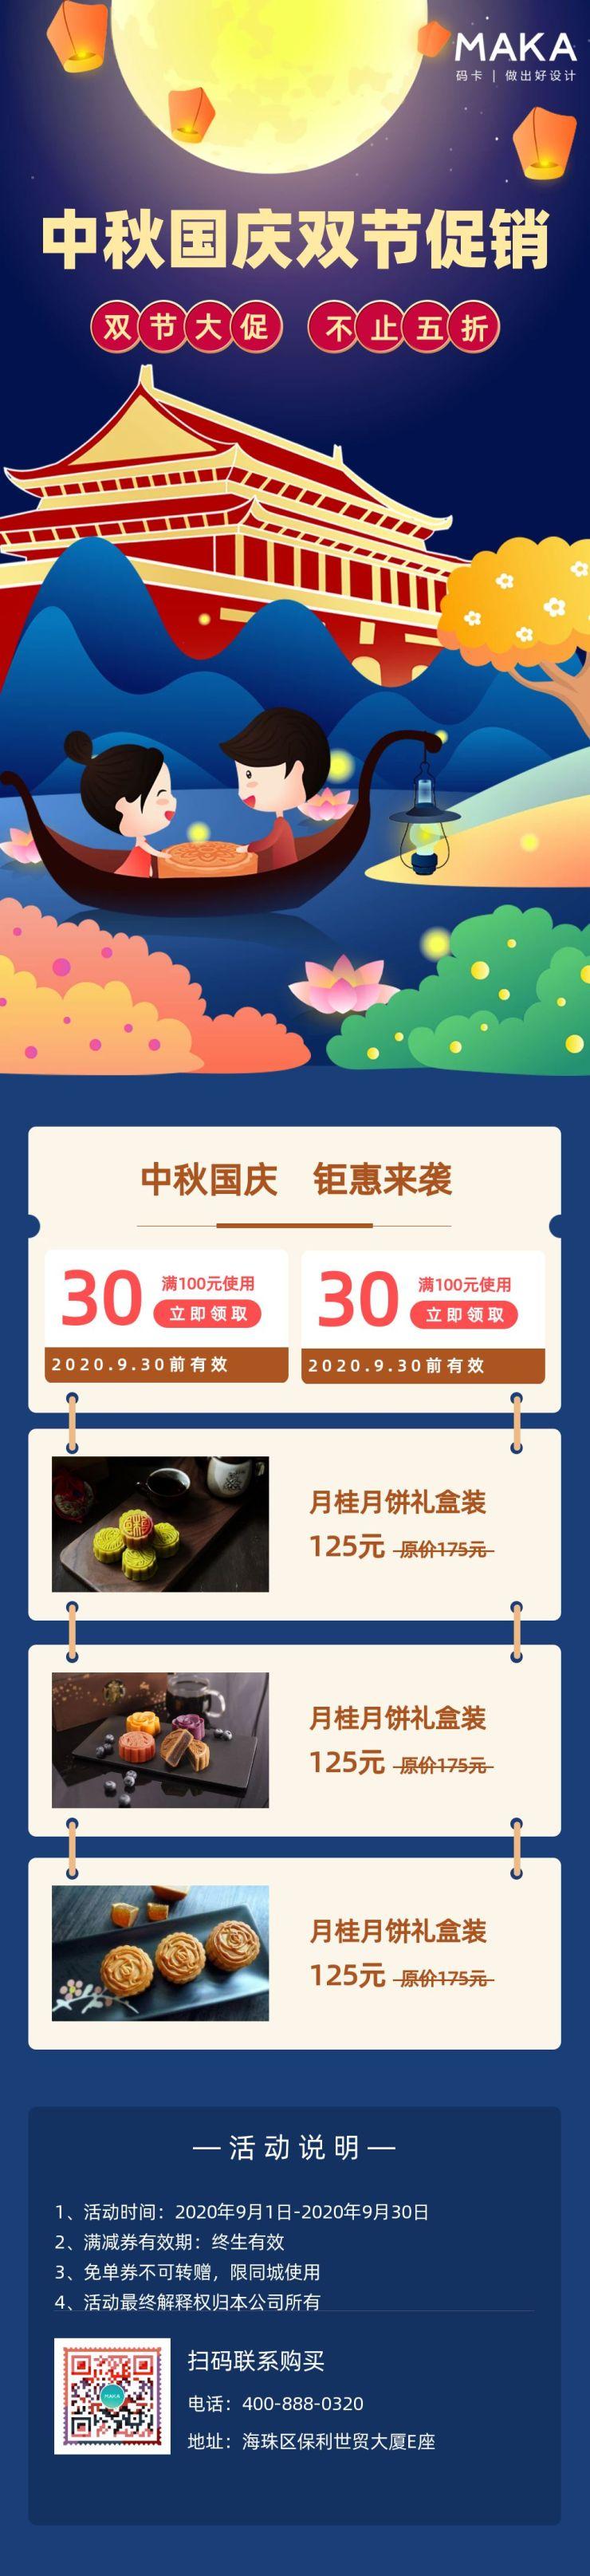 蓝色简约风中秋国庆双节促销宣传文章长图